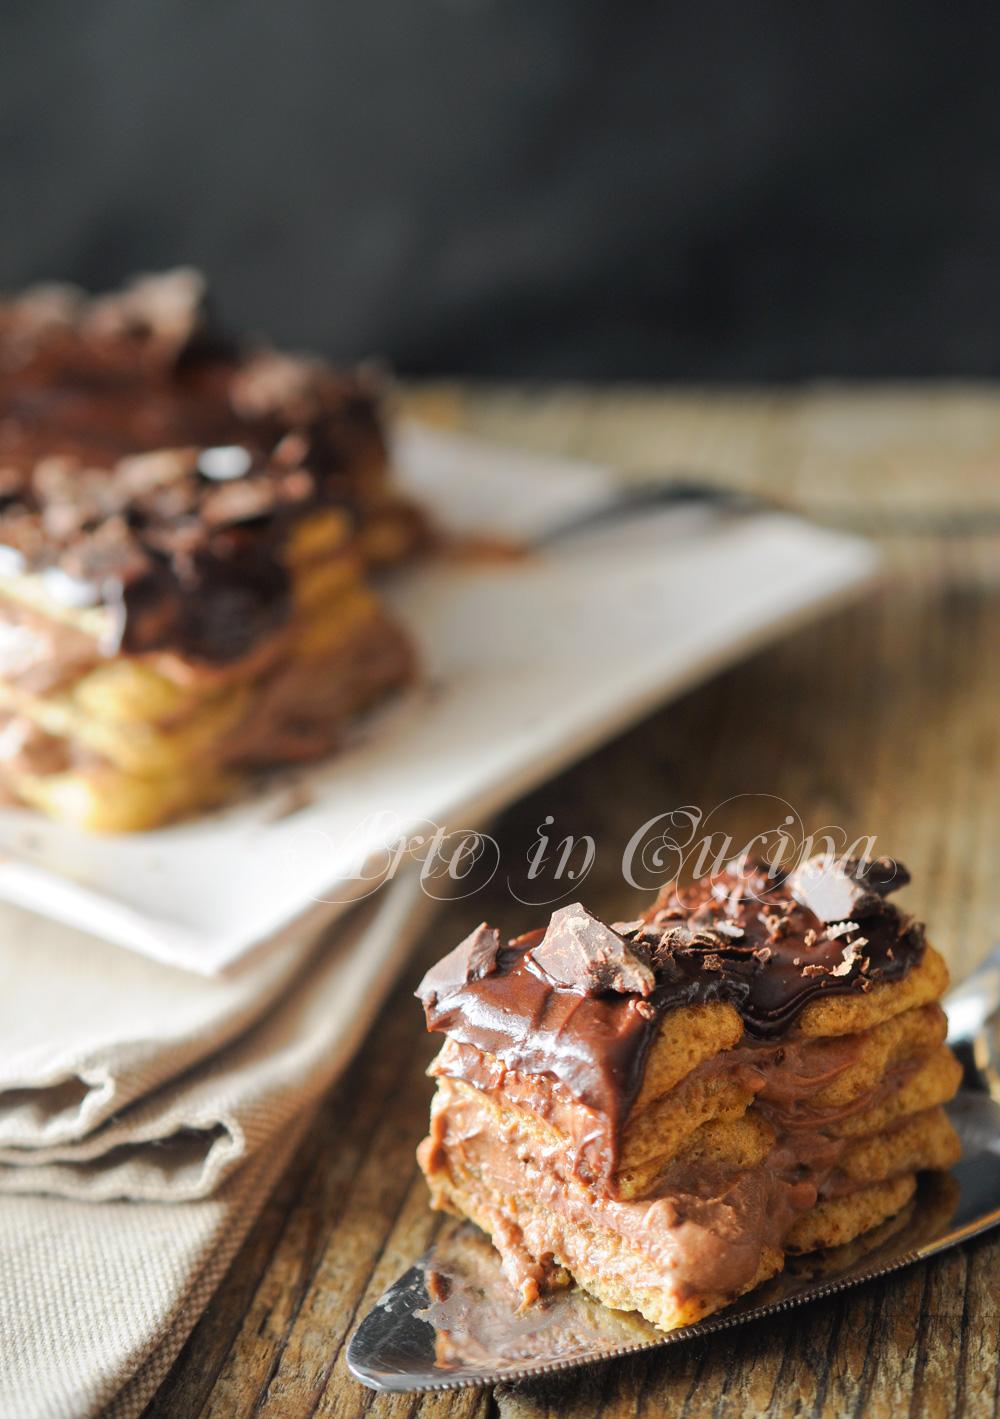 Tiramisu al cioccolato con crema senza uova vickyart arte in cucina